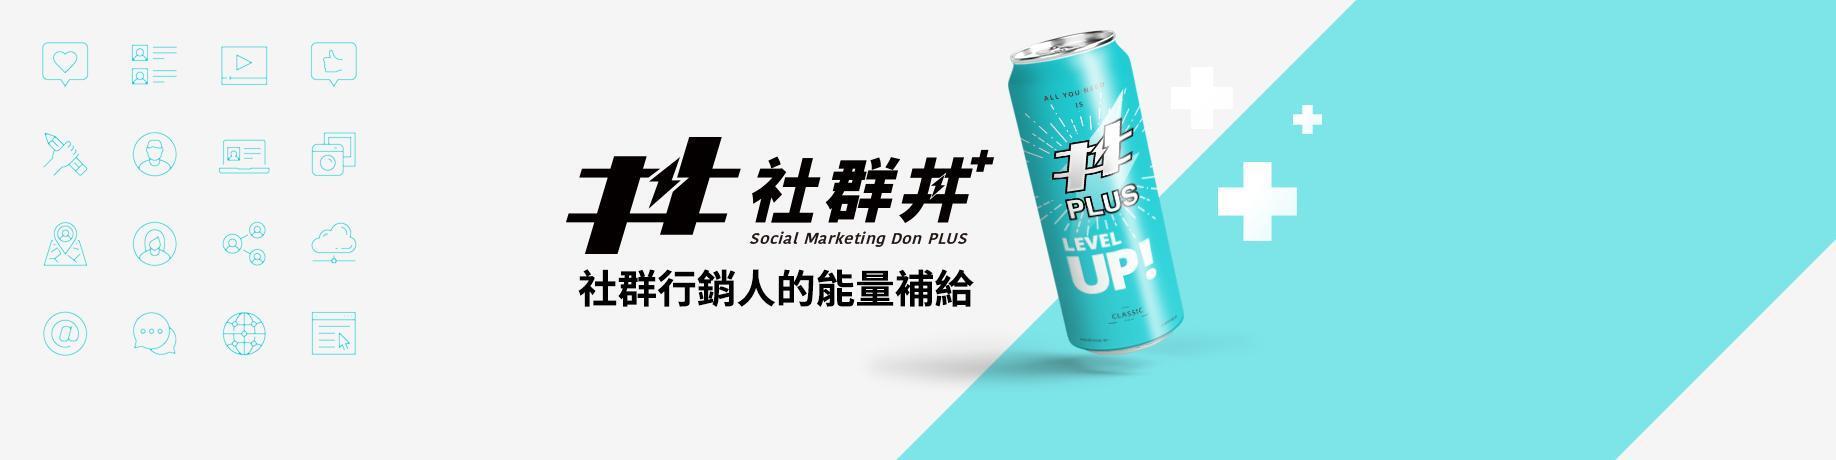 社群丼PLUS|社群行銷人的能量補給